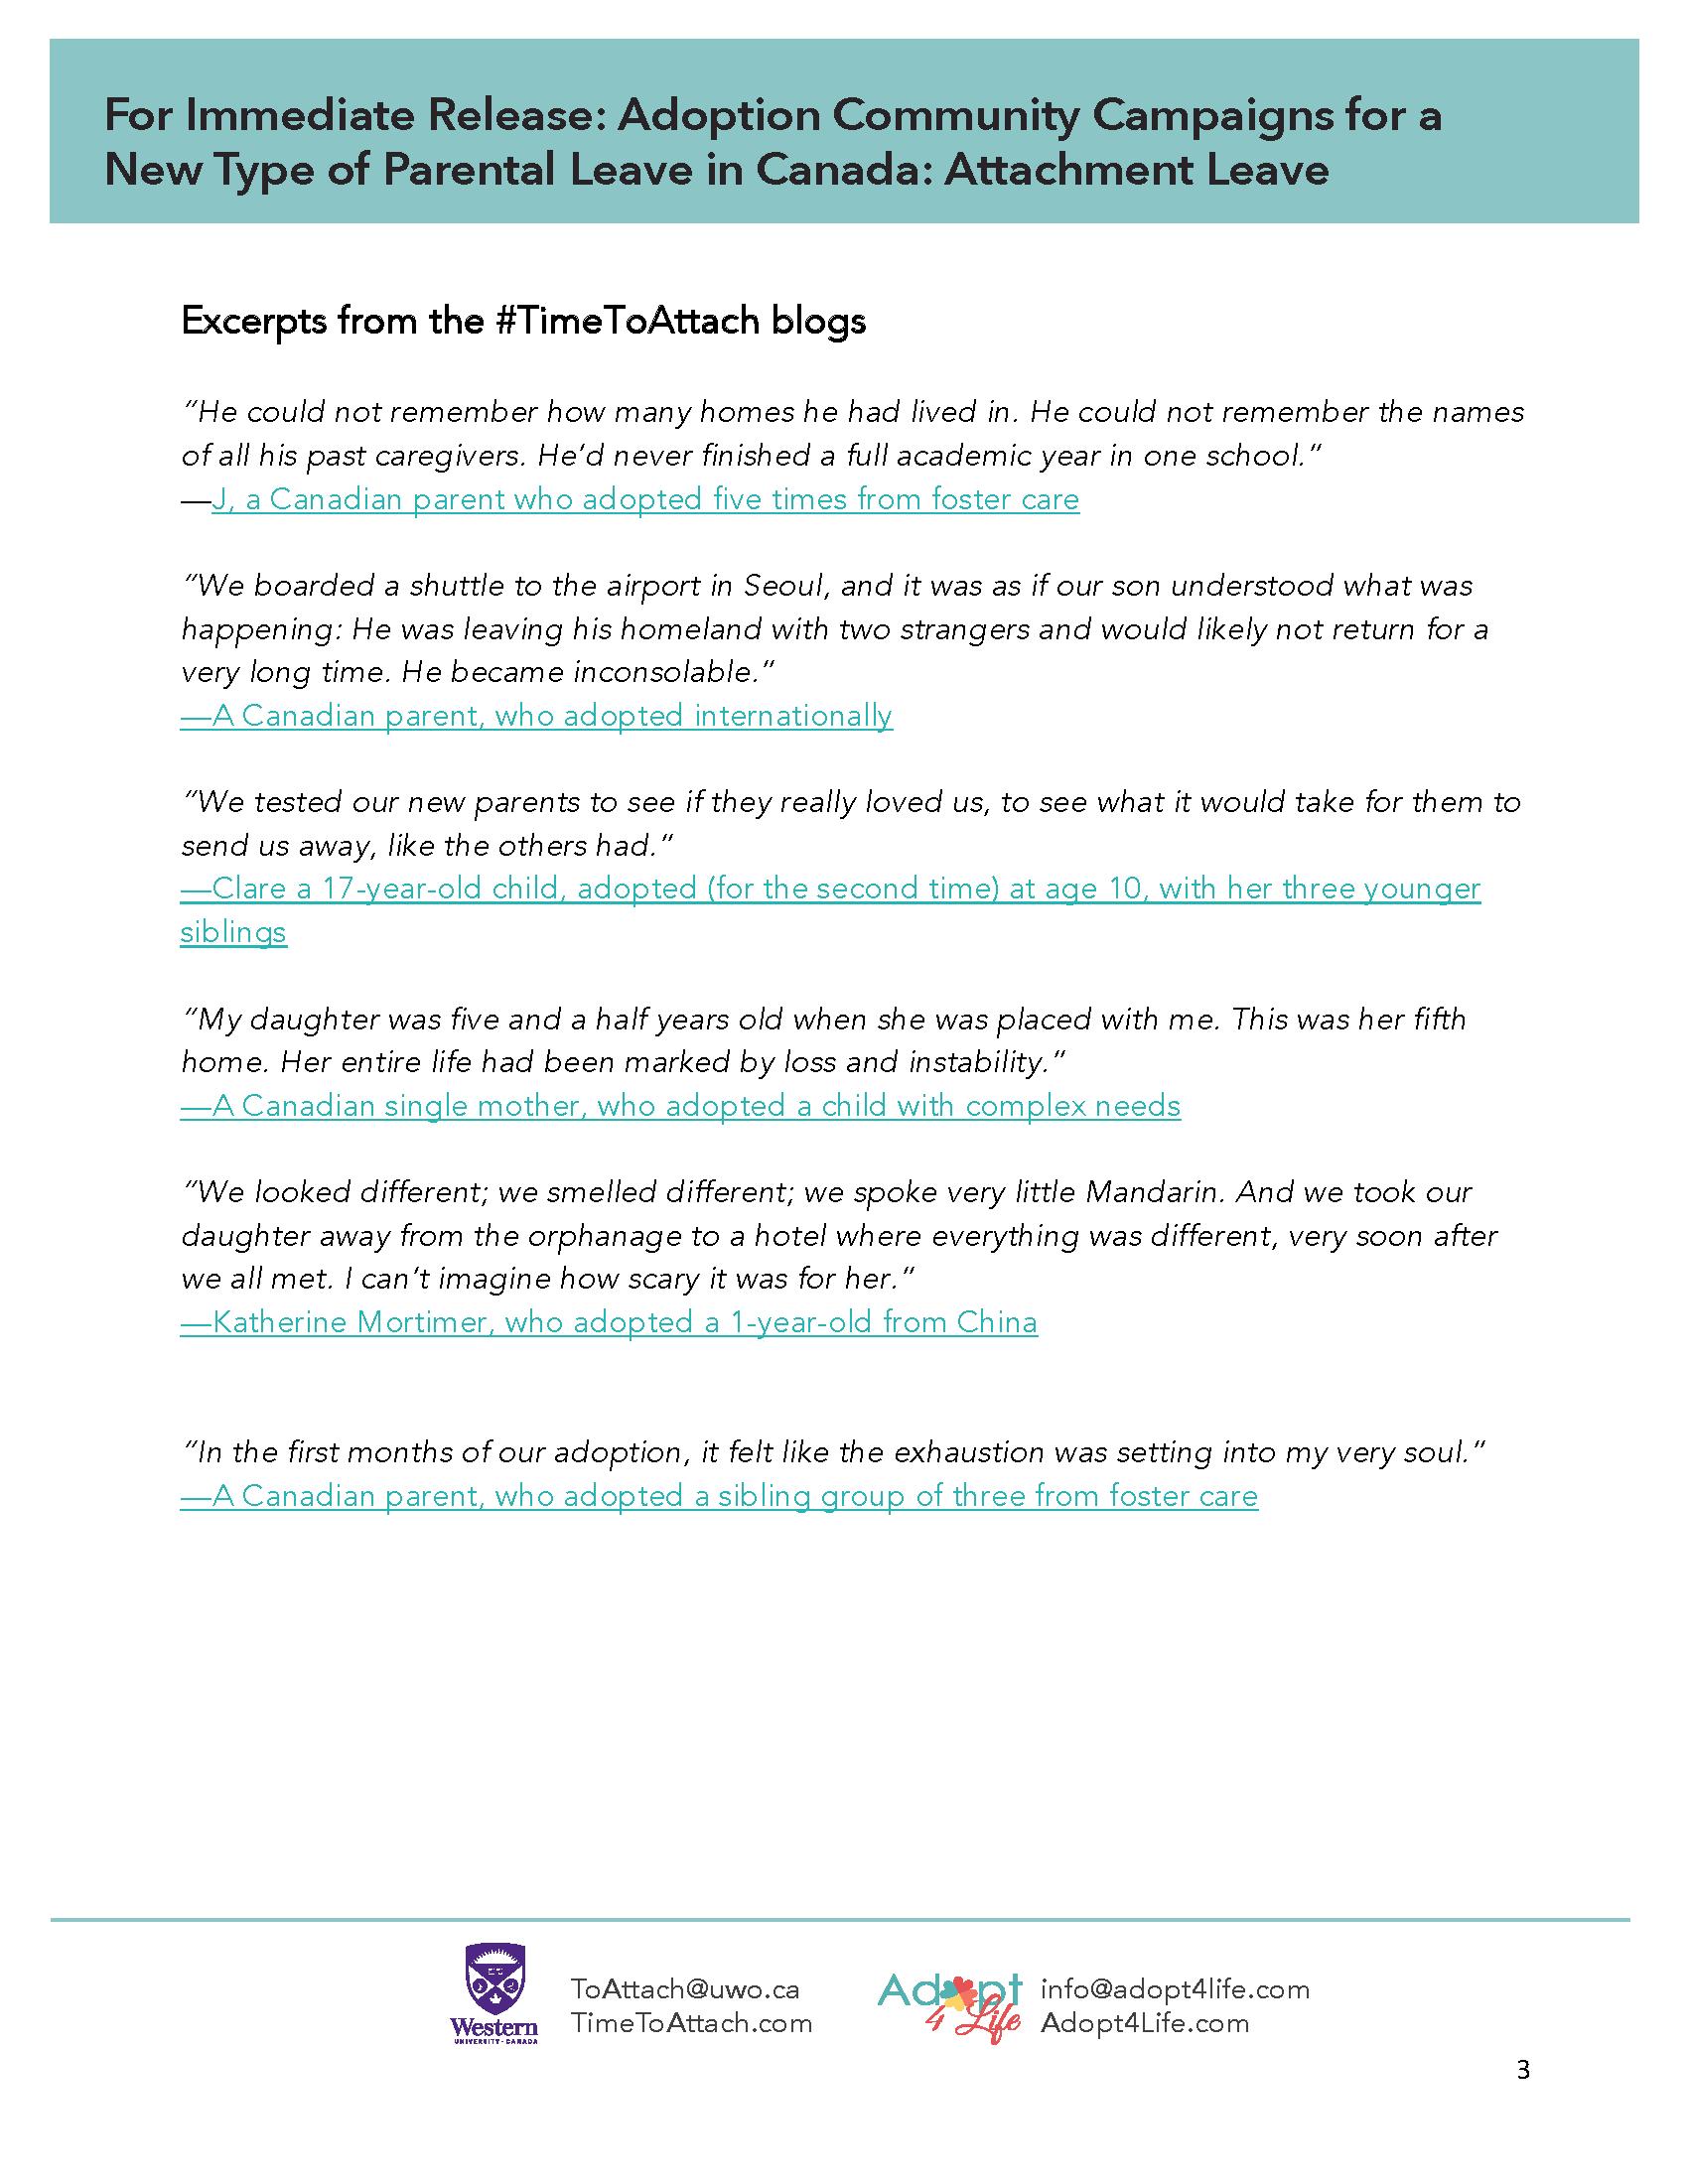 tta_feb19_release_EN_Page_3.png